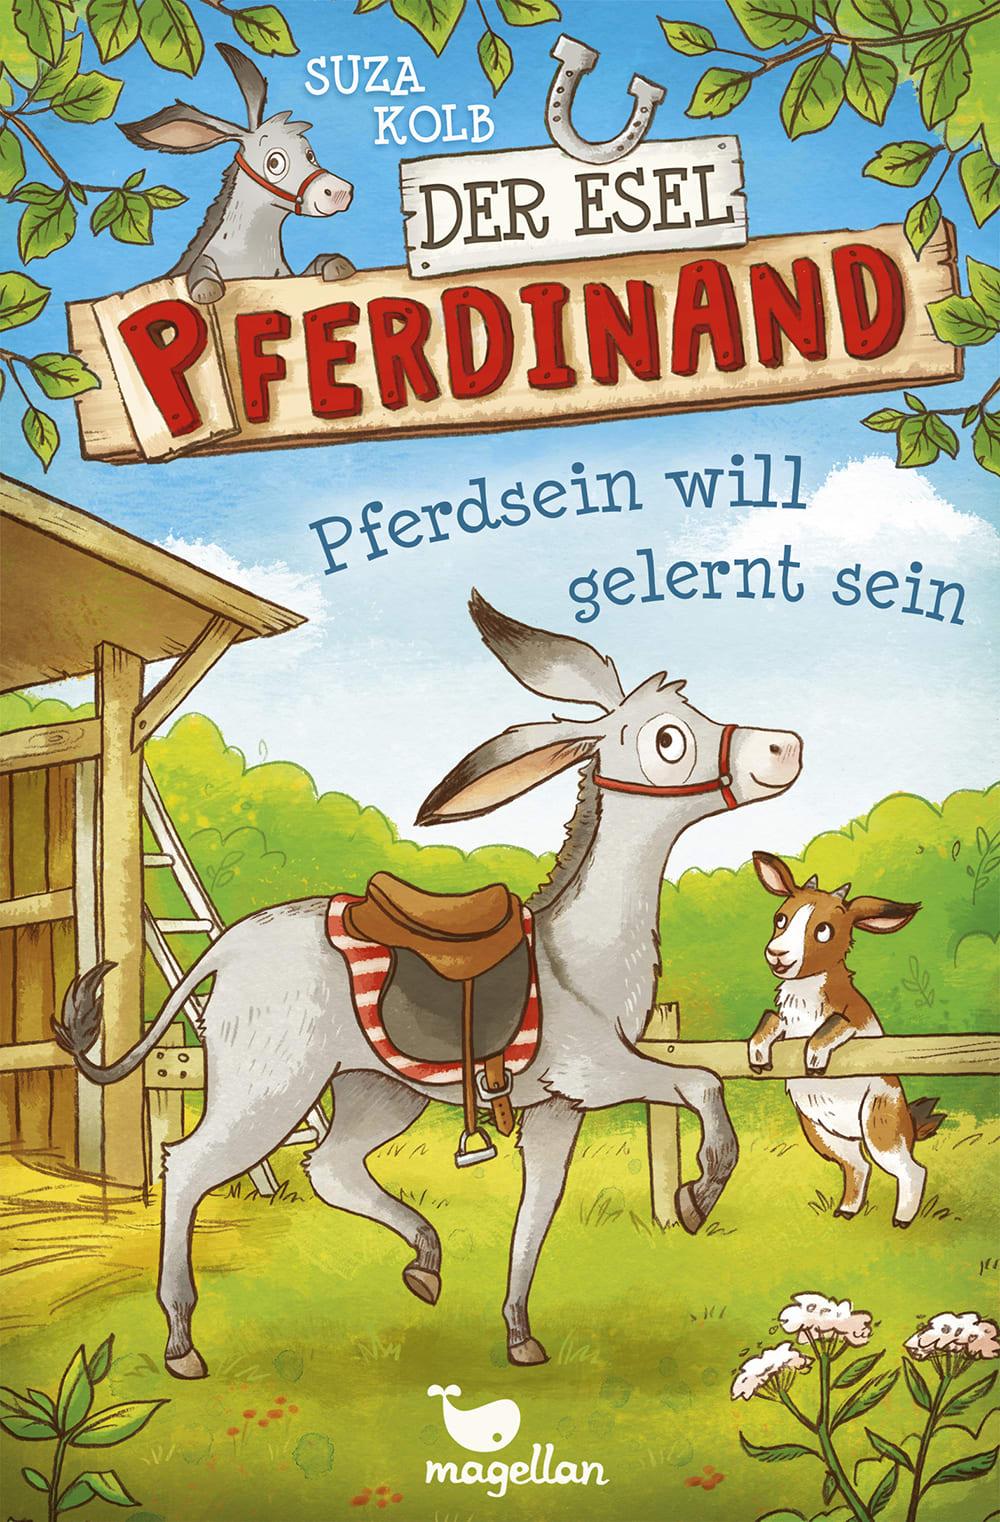 Cover Esel Pferdinand Band1 Pferdsein will gelernt sein Kinderbuch von Suza Kolb